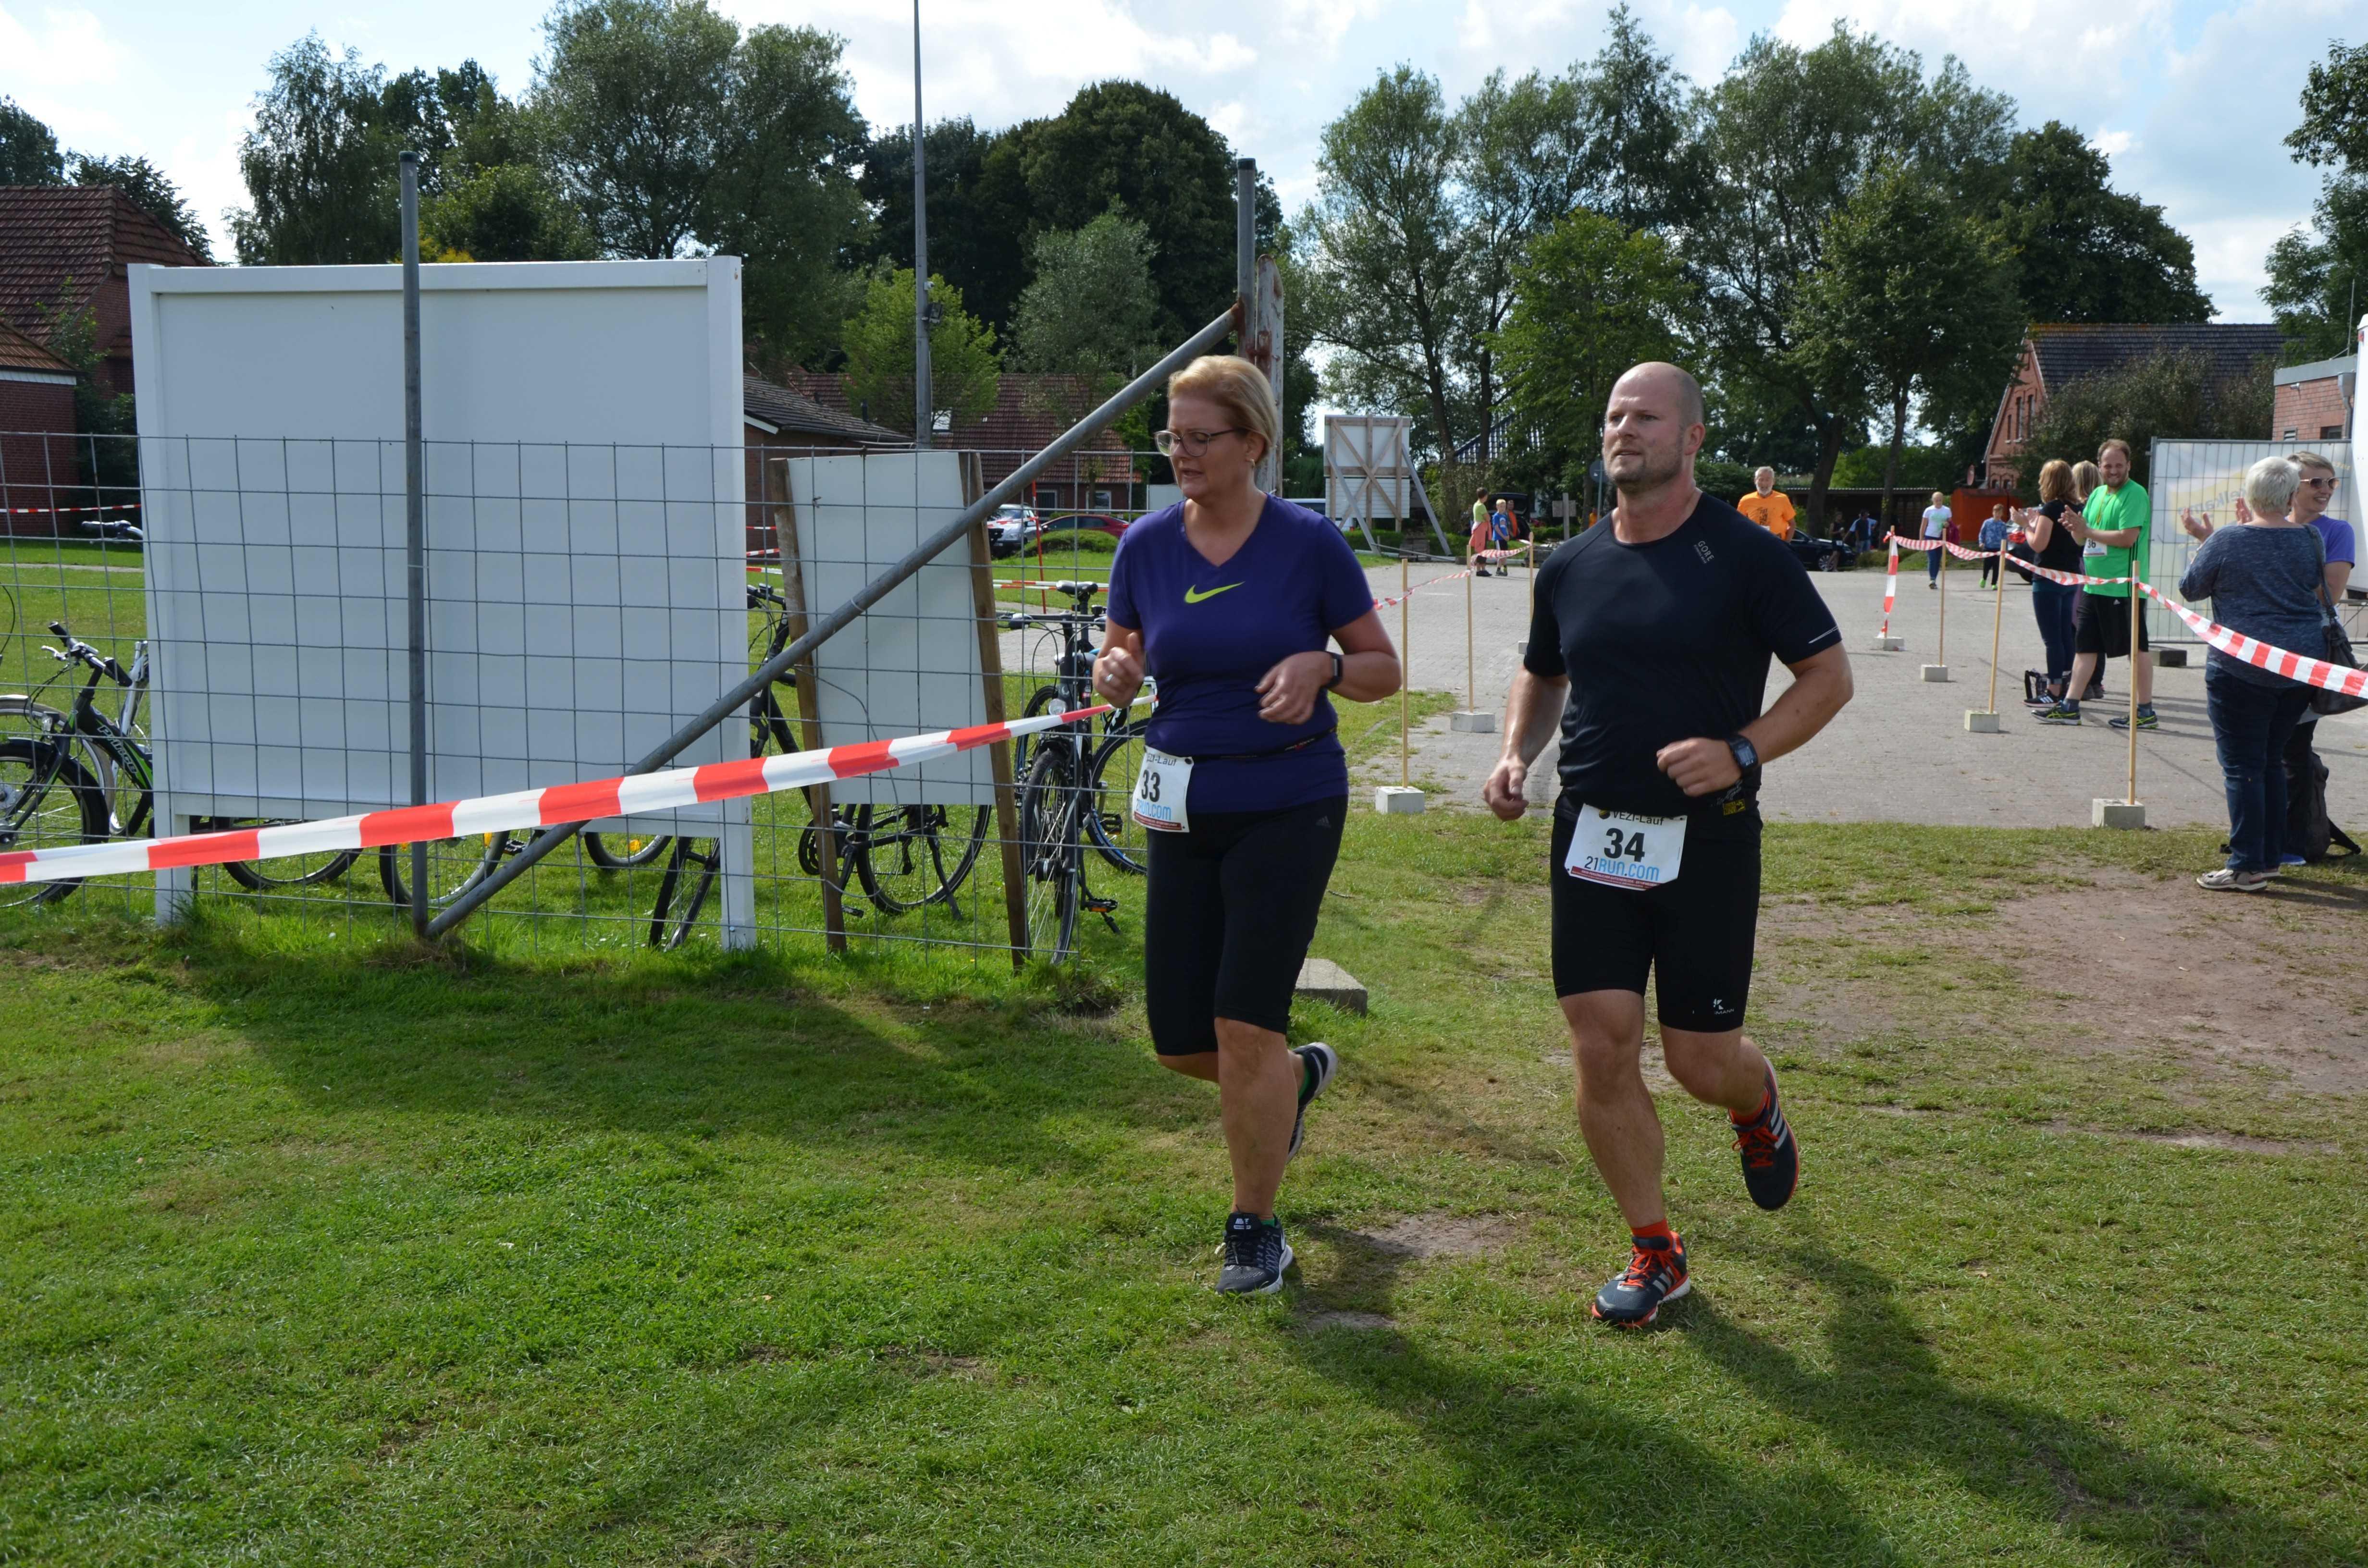 2017-08-05 Vezi Lauf (16)